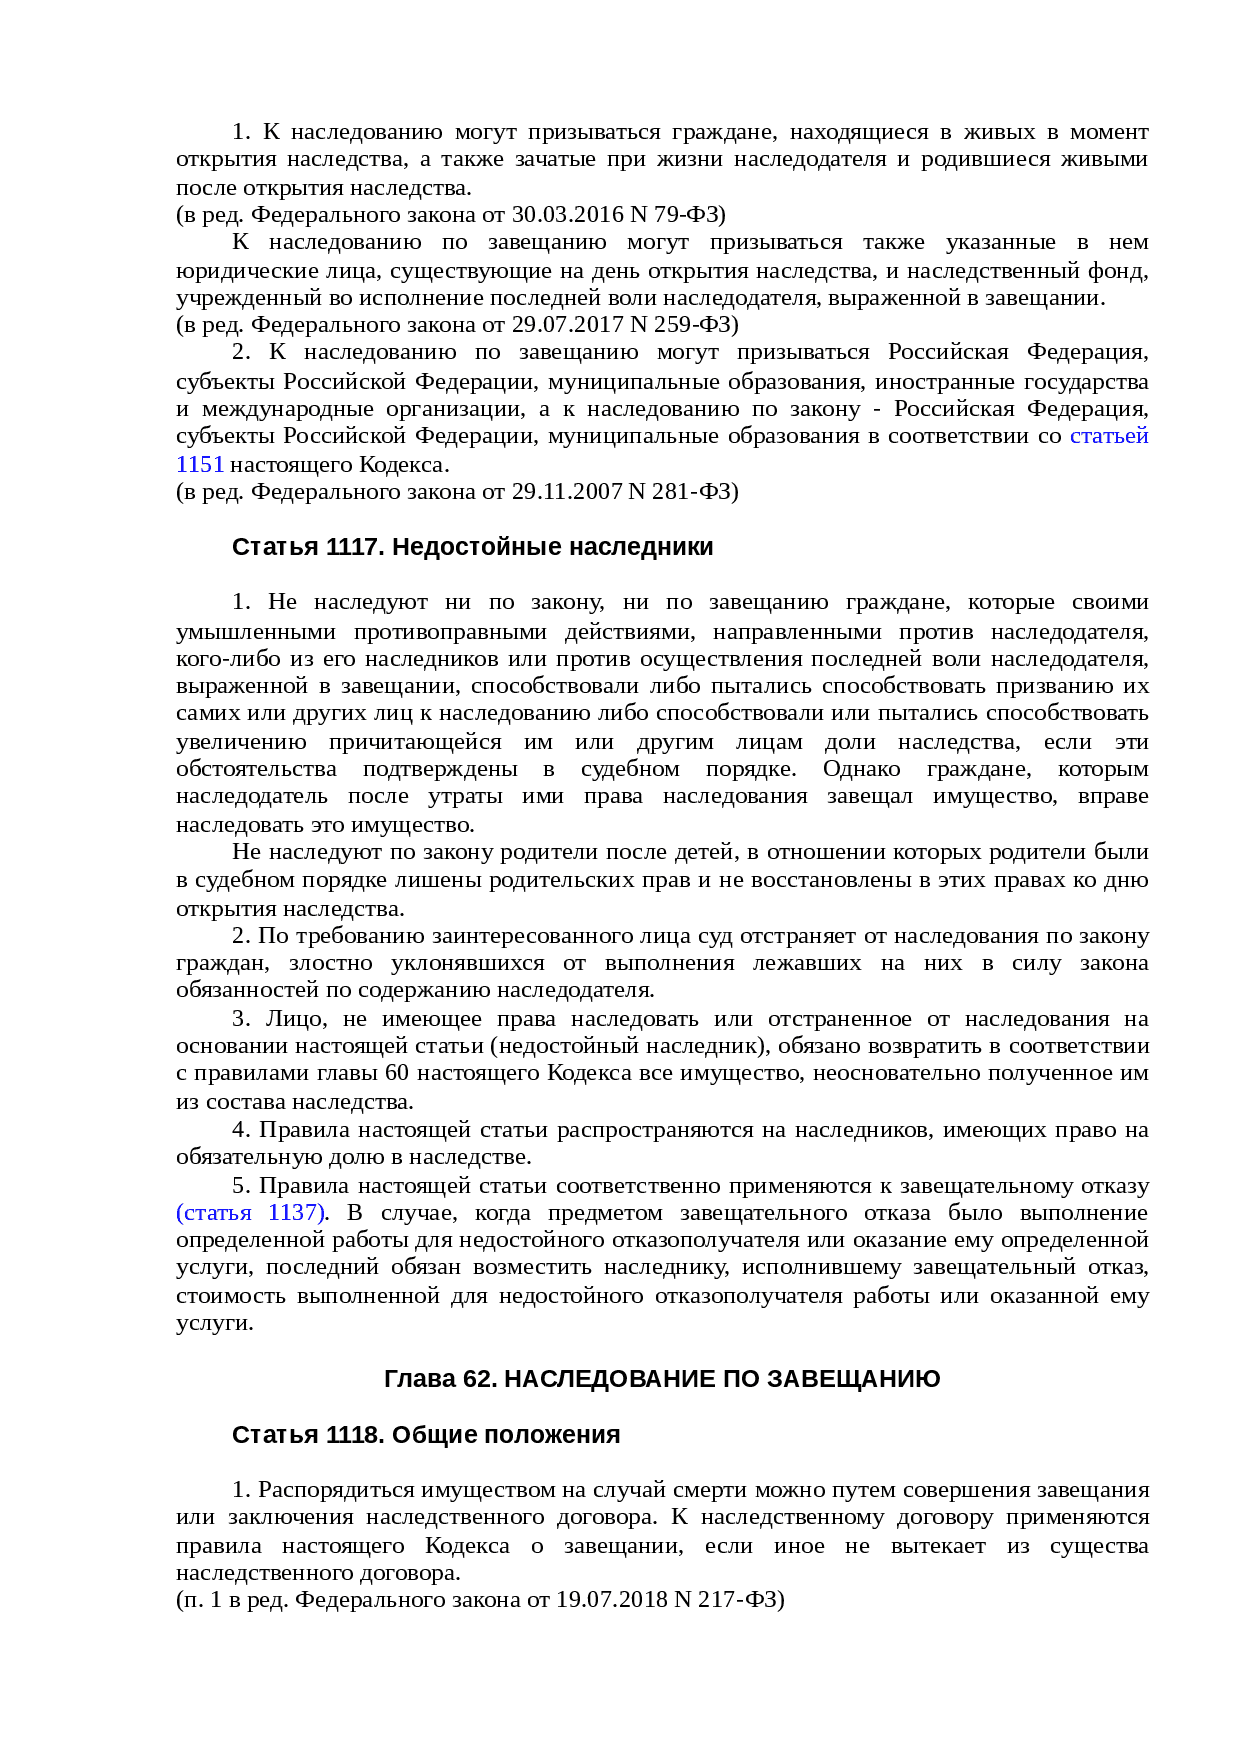 Наследство по закону и завещанию по гк рф